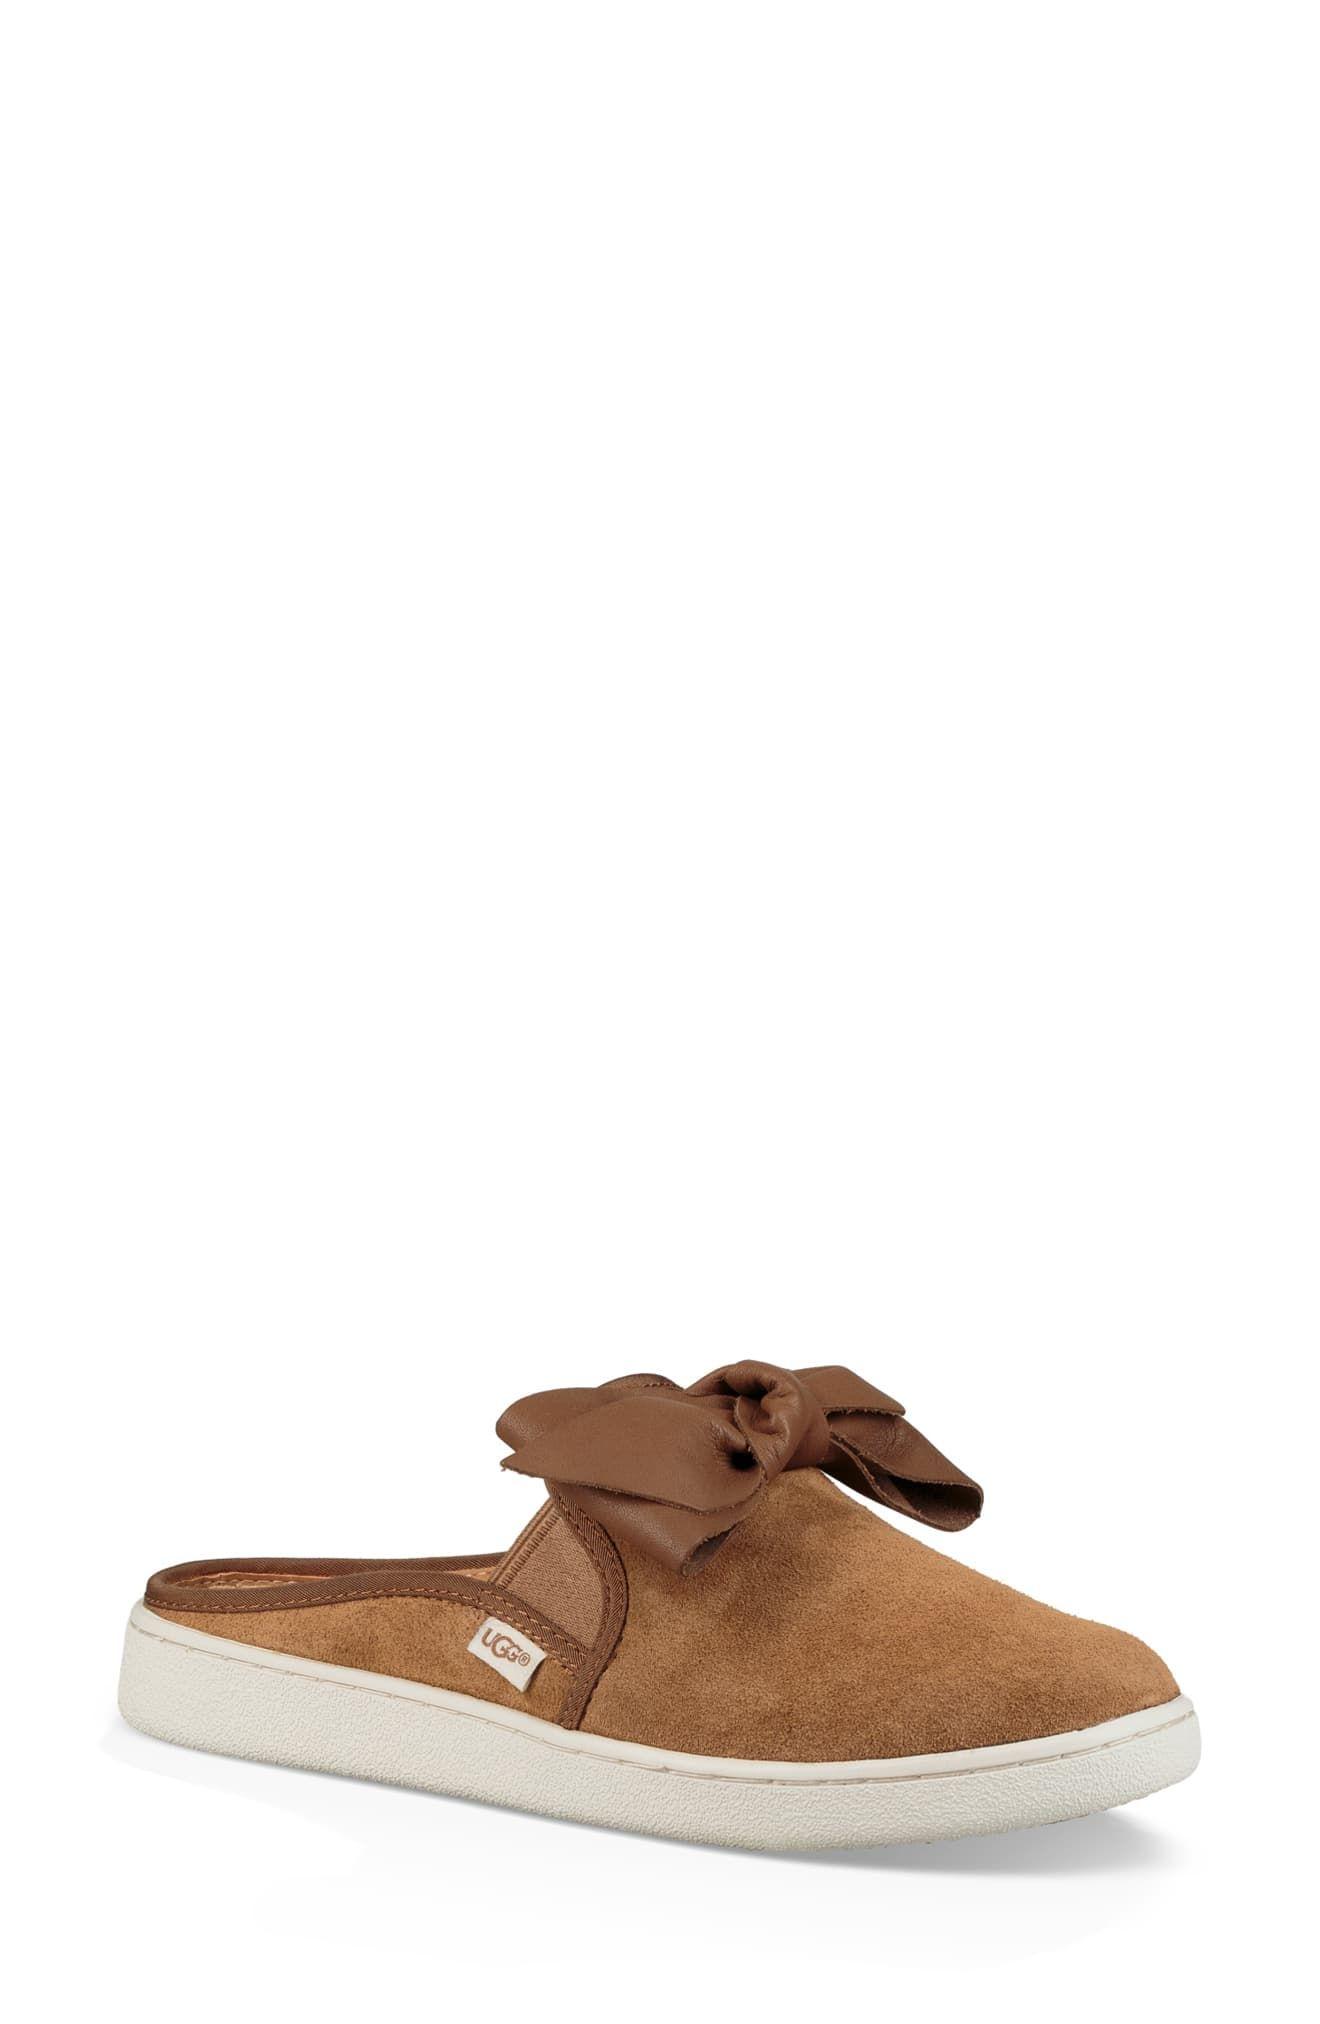 Women's Ugg Ida Mule Sneaker, Size 6.5